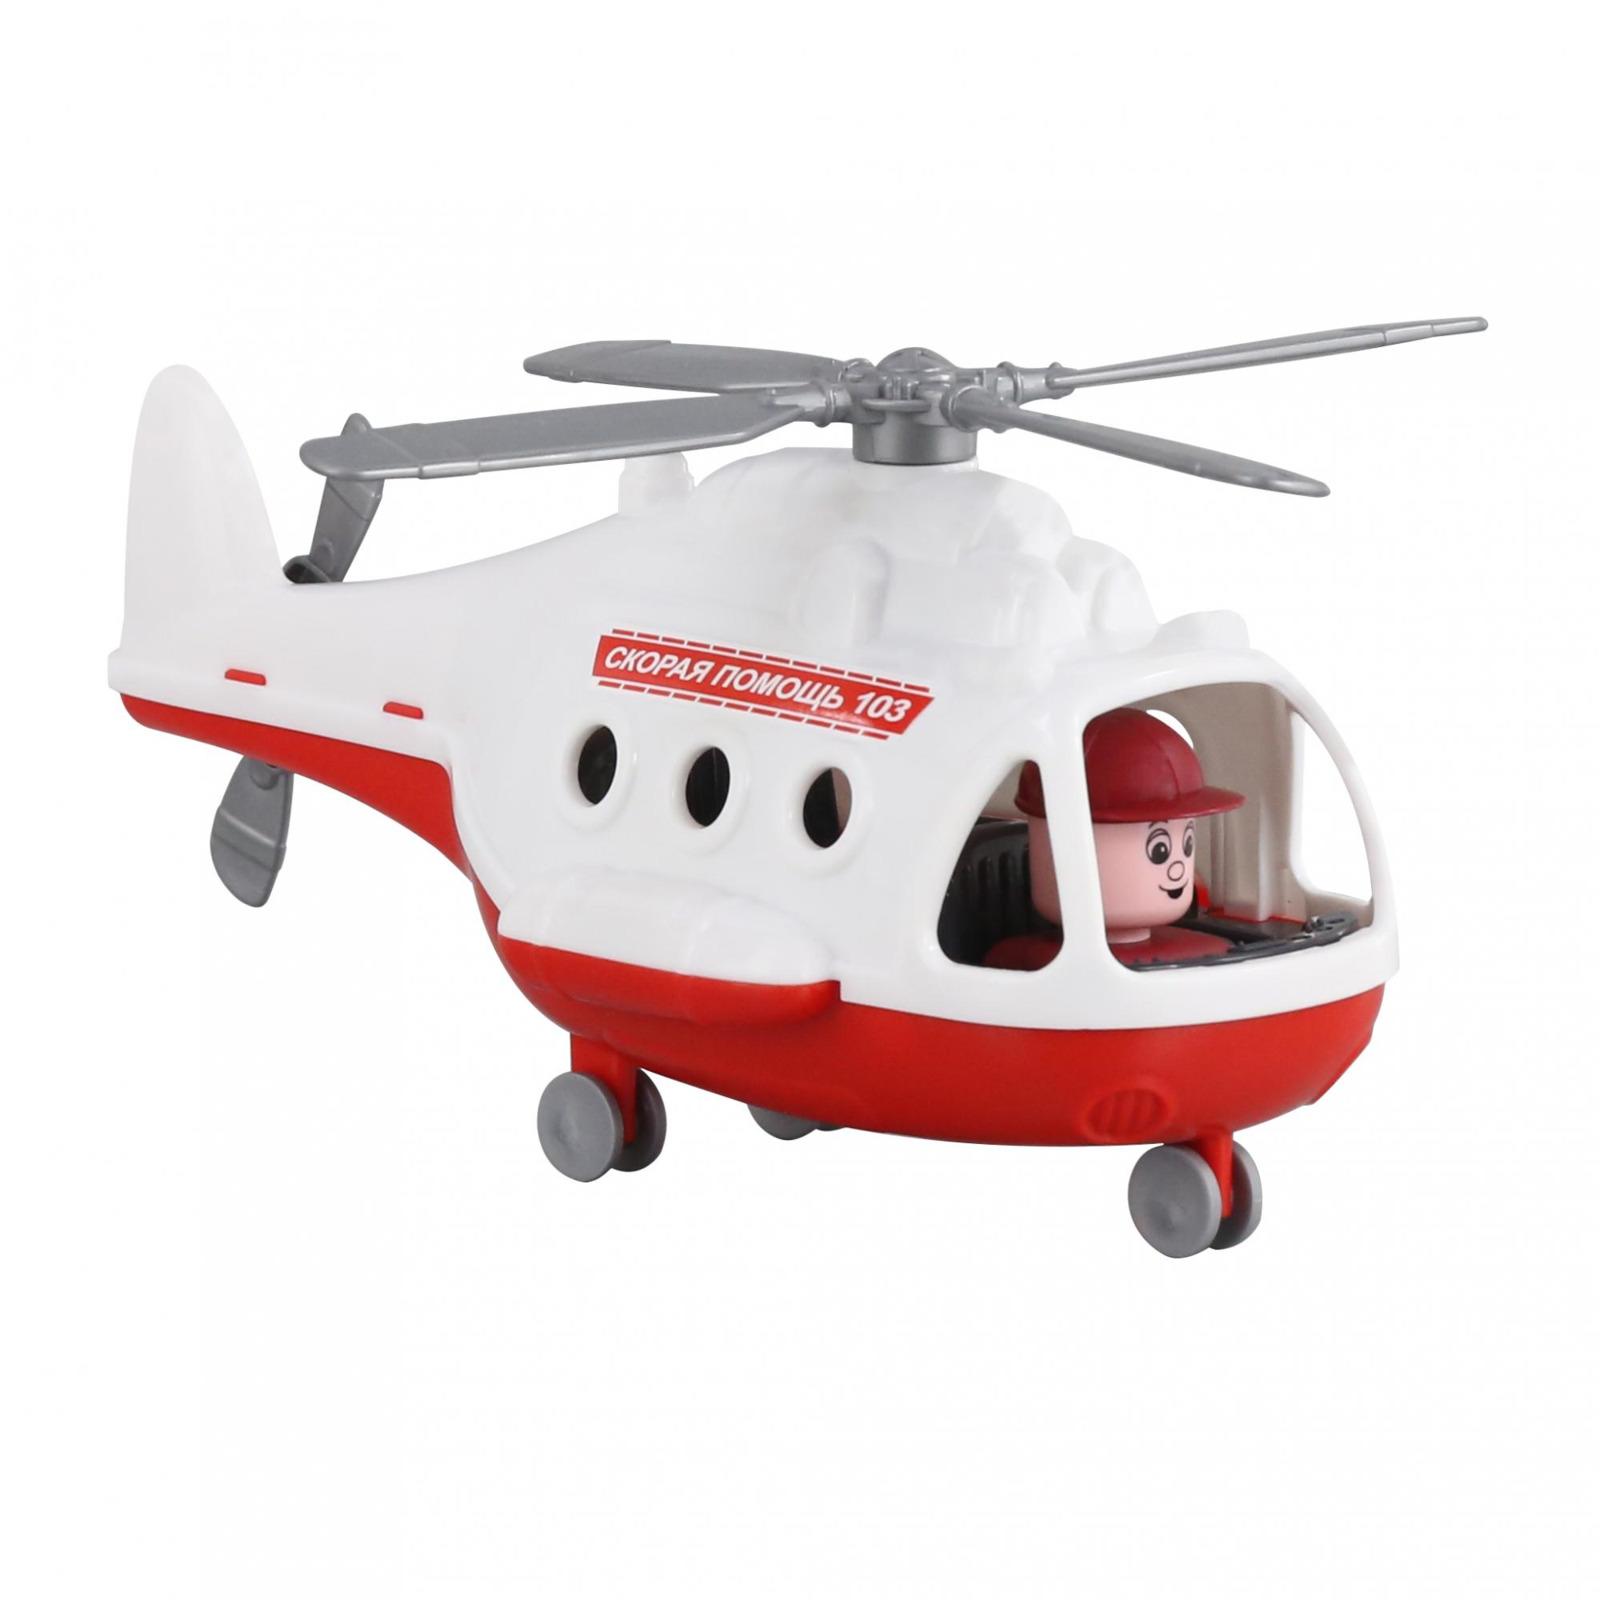 Фото - Вертолет-скорая помощь Полесье Альфа. 68668, цвет в ассортименте viking toys вертолет скорая помощь джамбо 30 см